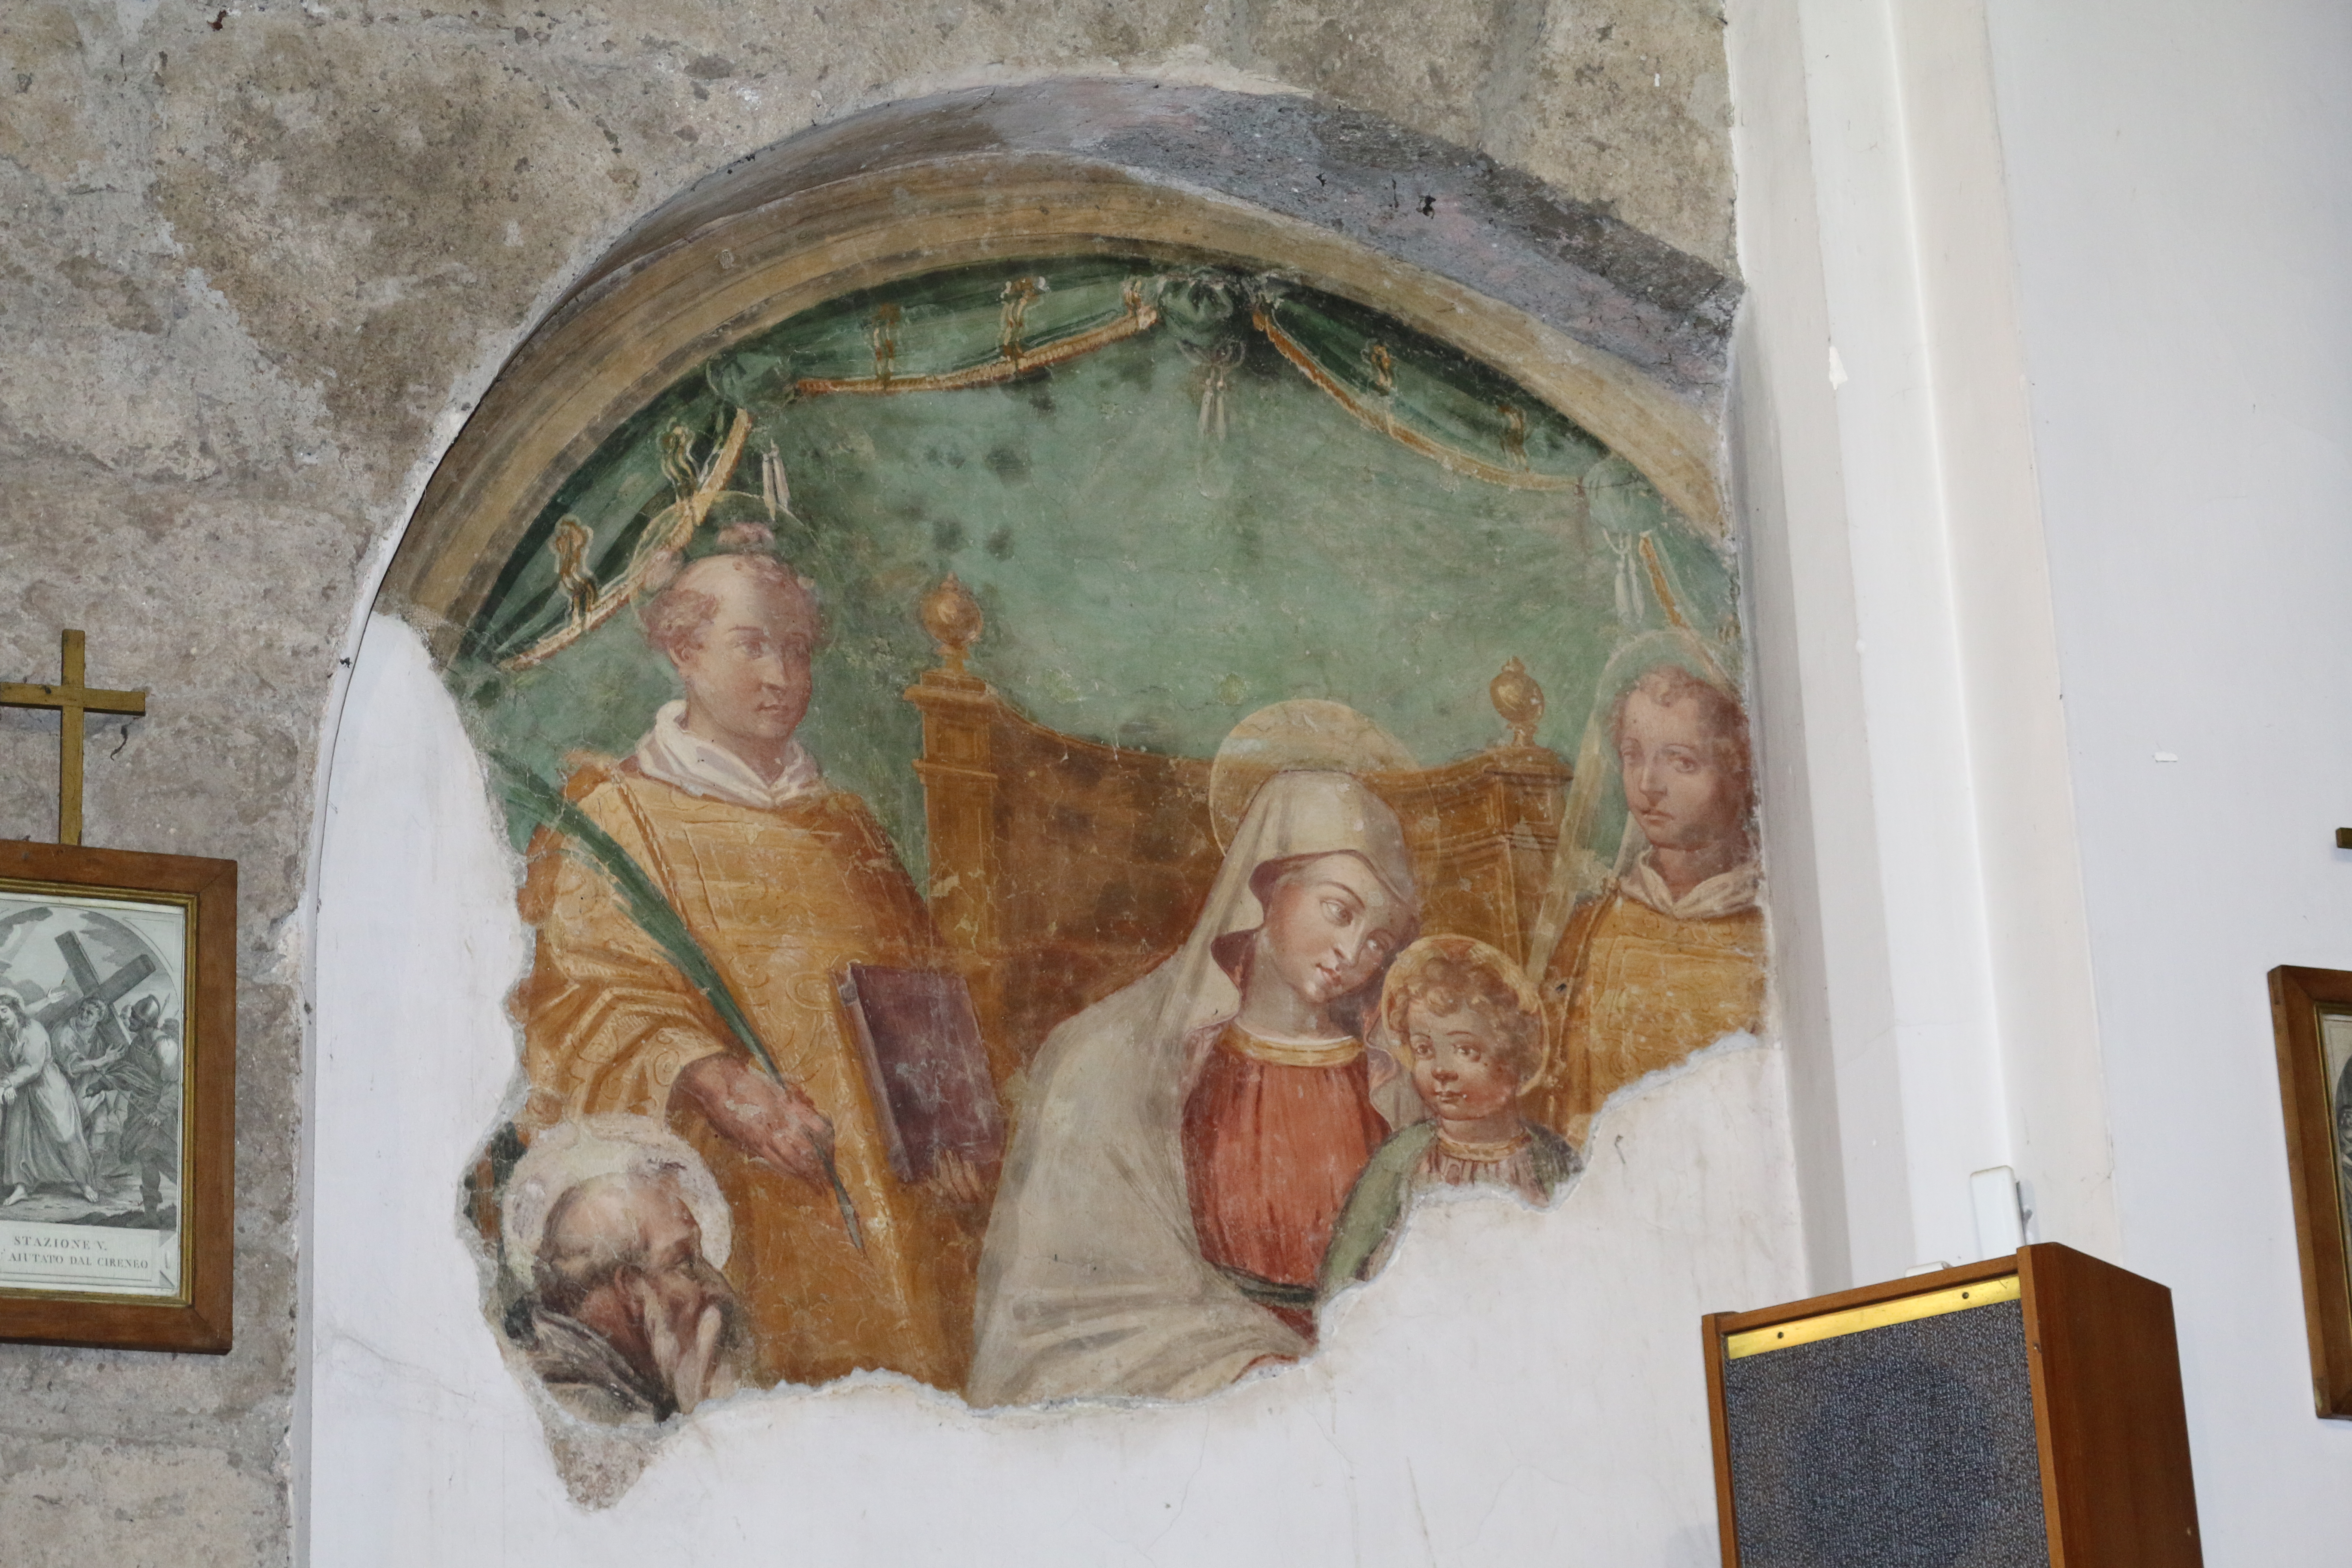 ill. 7: Autore ignoto (sec. XVI), Madonna con Bambino e Santi Stefano, Lorenzo e Vitaliano